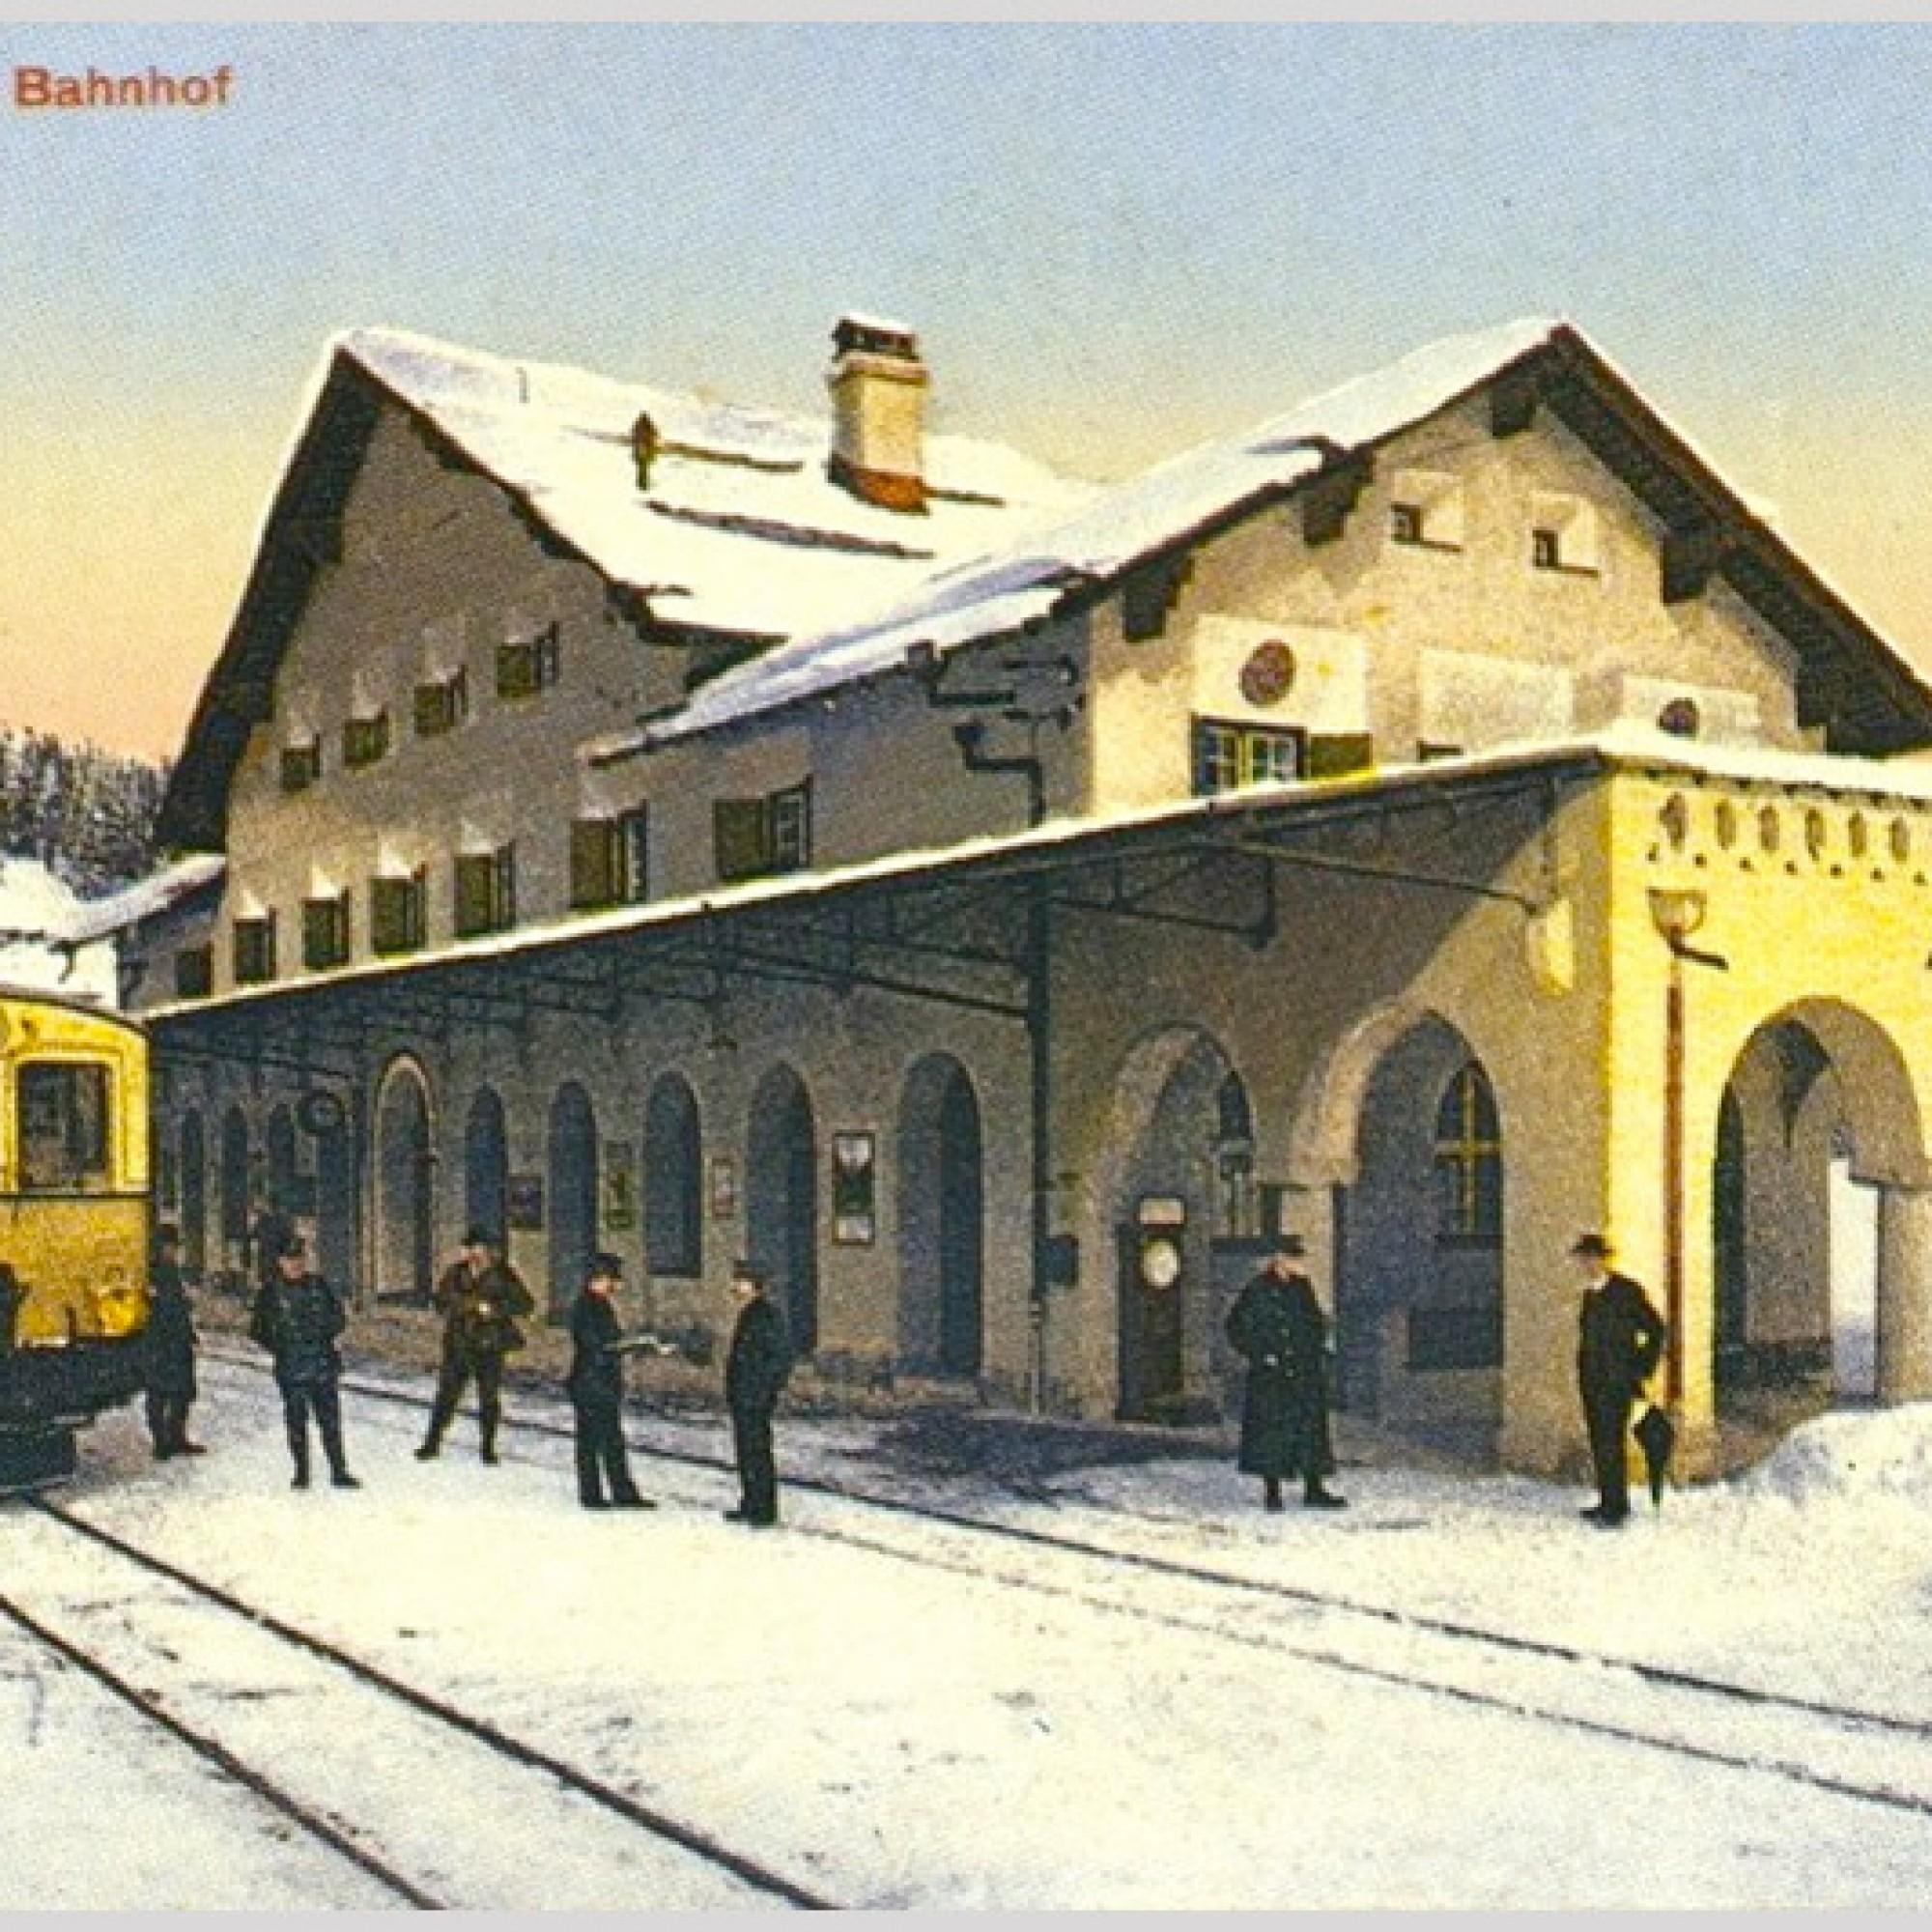 Bahnhof von Arosa im Winter, Postkarte um 1914. (Wikipedia, gemeinfrei)